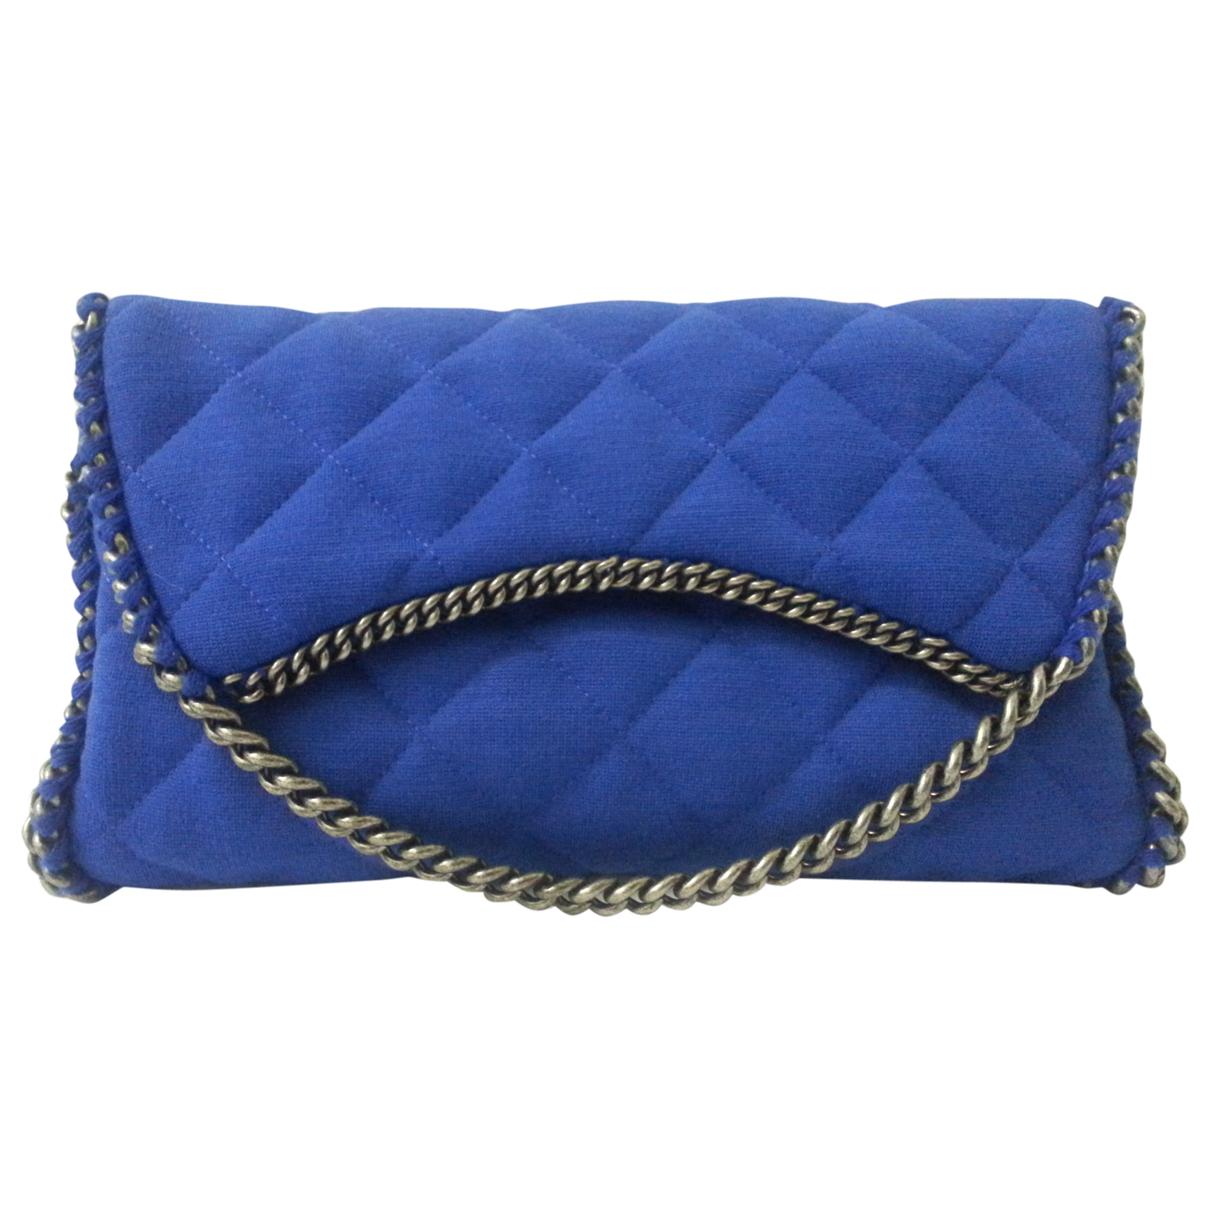 Chanel - Pochette   pour femme en coton - bleu